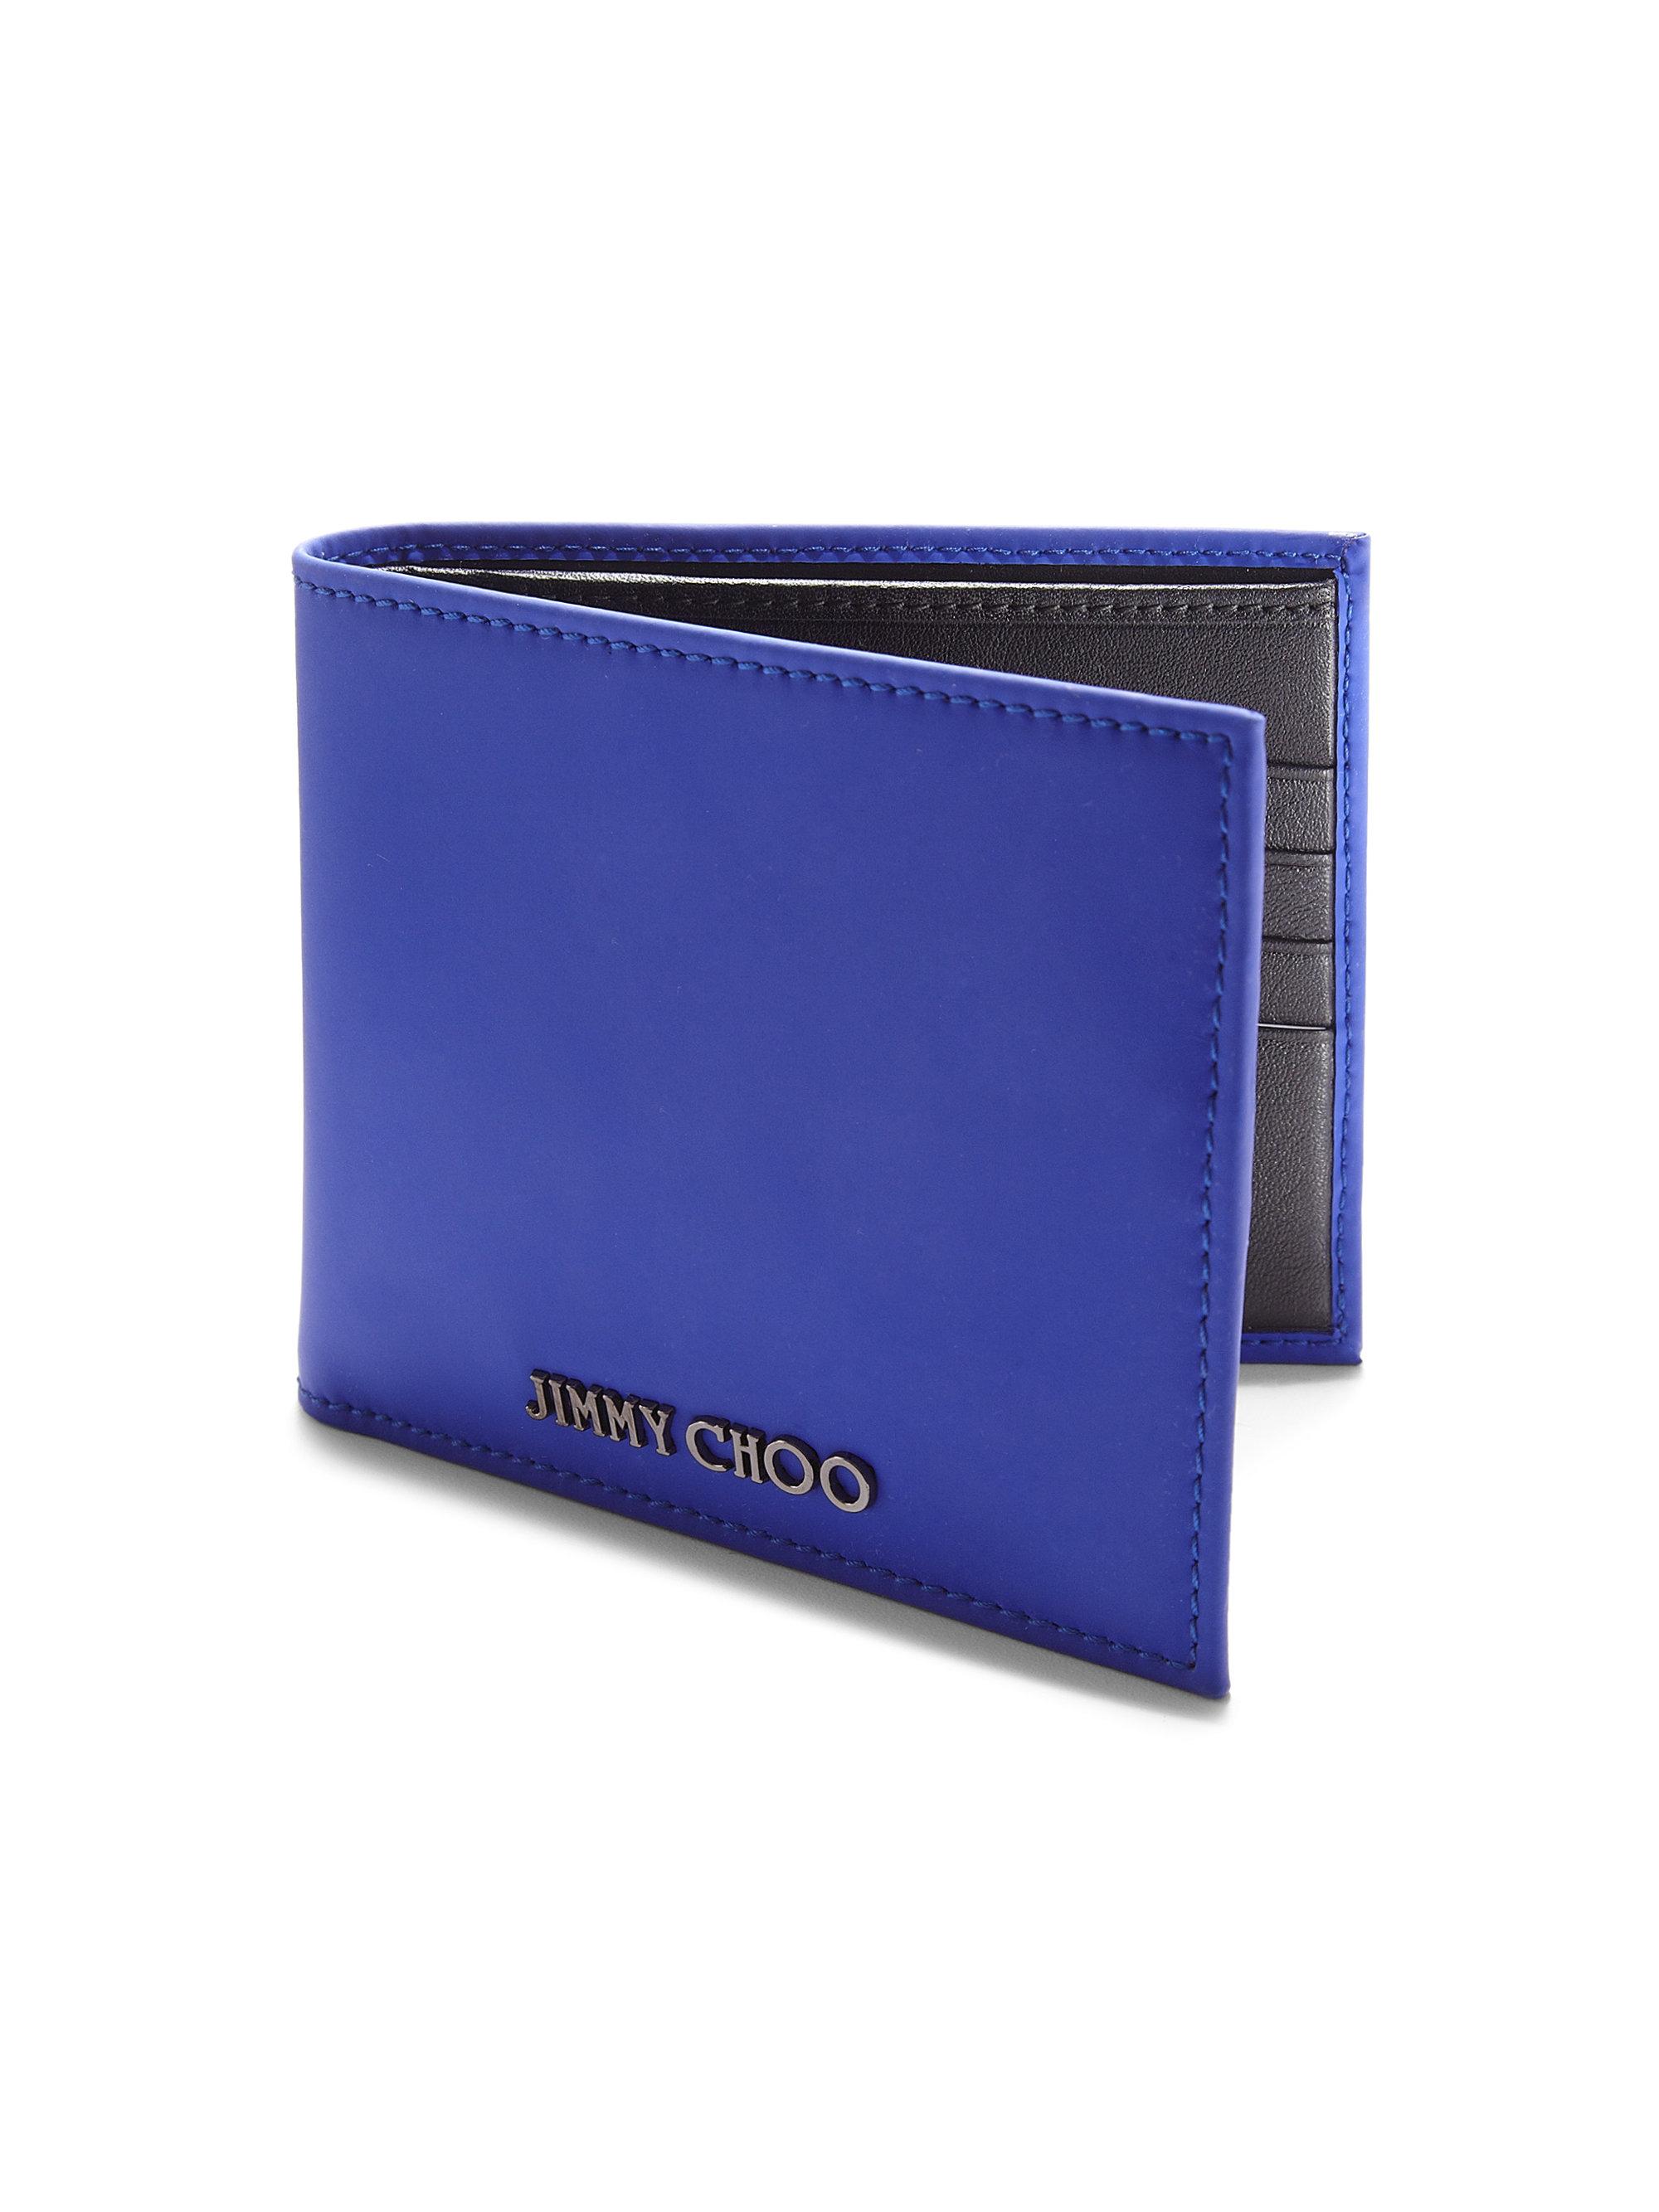 fb3e17b380 Jimmy Choo Mark Leather Billfold Wallet in Blue for Men - Lyst